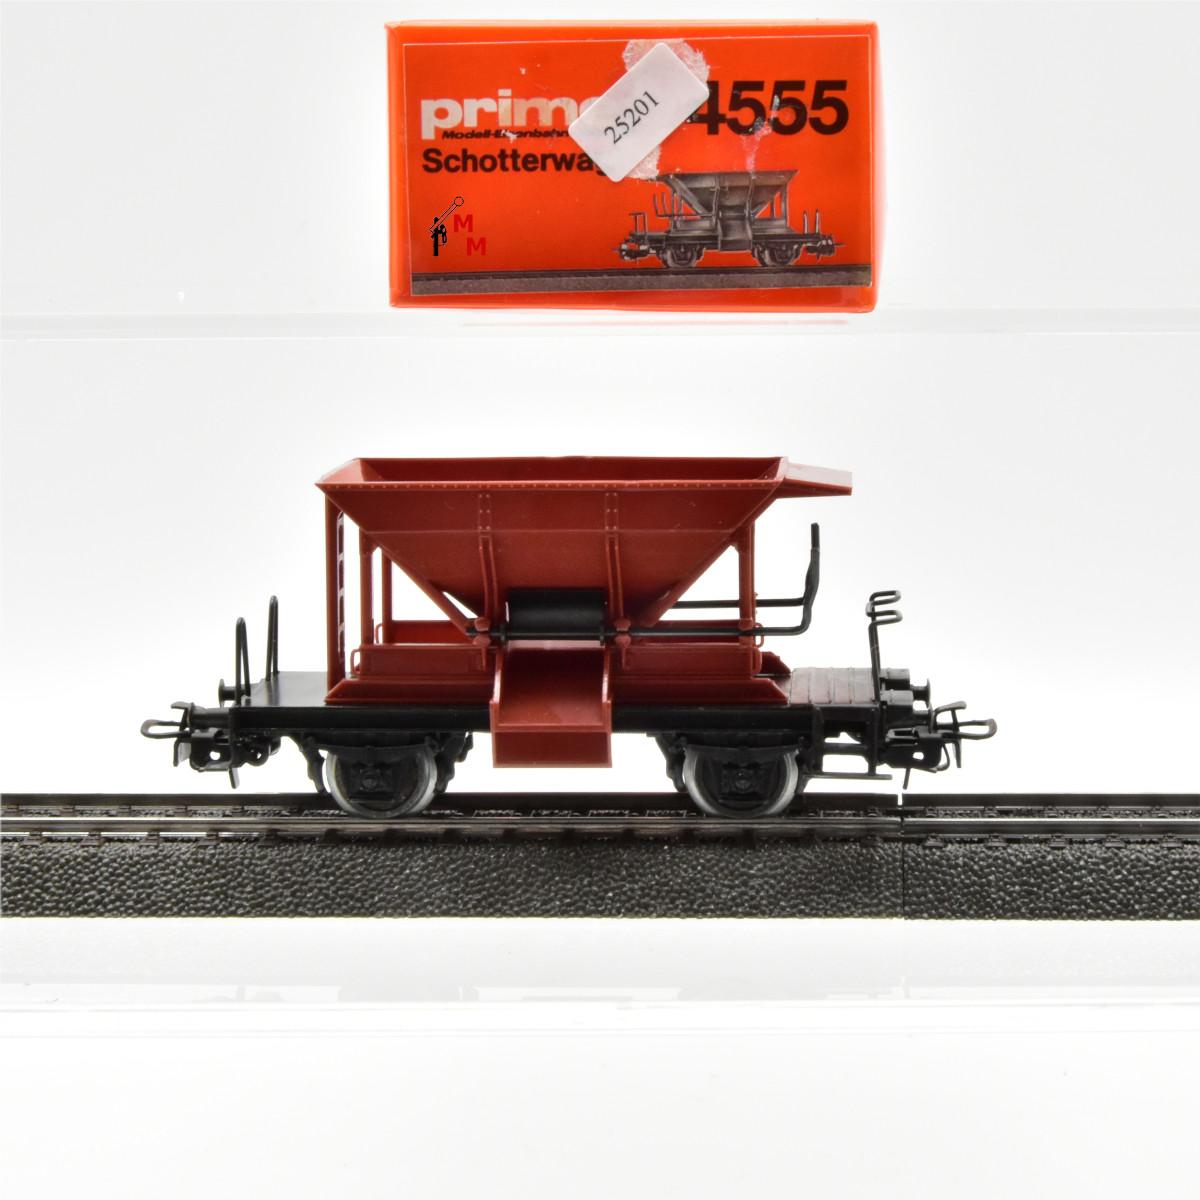 Primex 4555.1 Schotterwagen der DB, (25201)